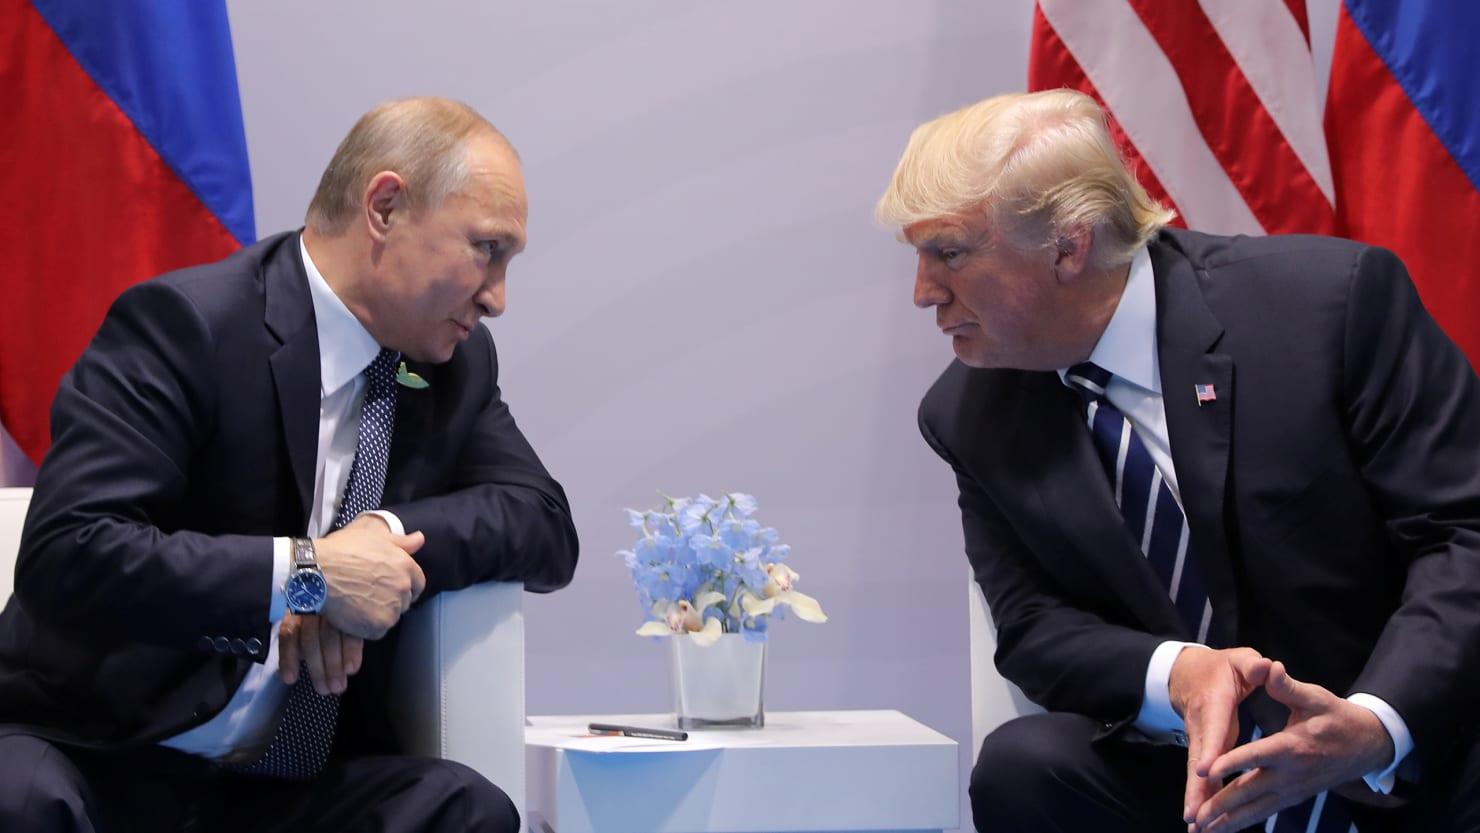 بولتون: لن نقدم تنازلات لموسكو أثناء قمة بوتين-ترامب